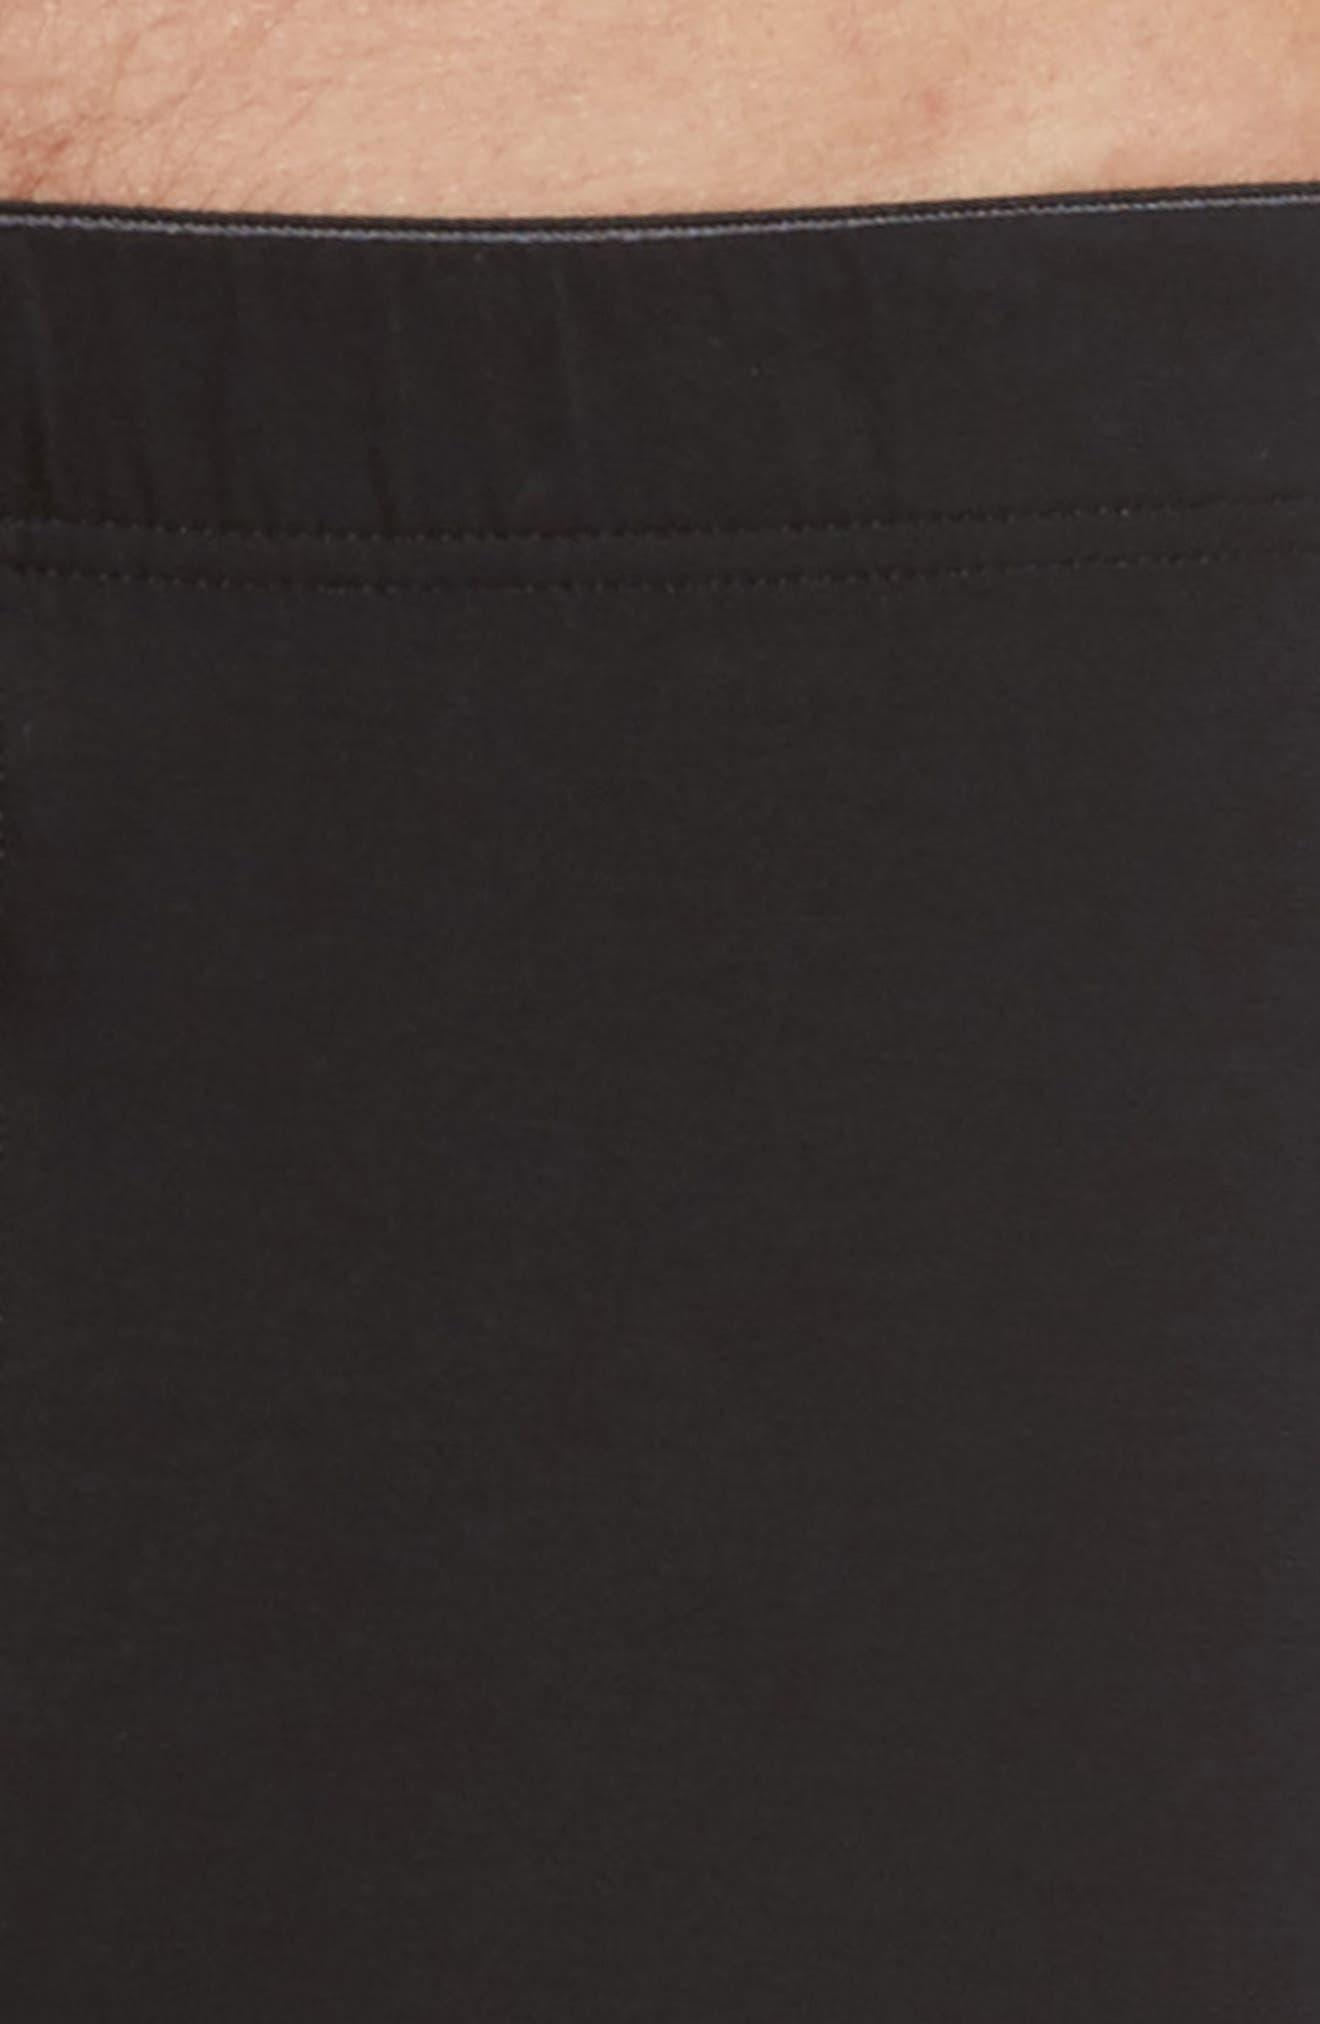 Cotton Superior Boxer Briefs,                             Alternate thumbnail 4, color,                             BLACK